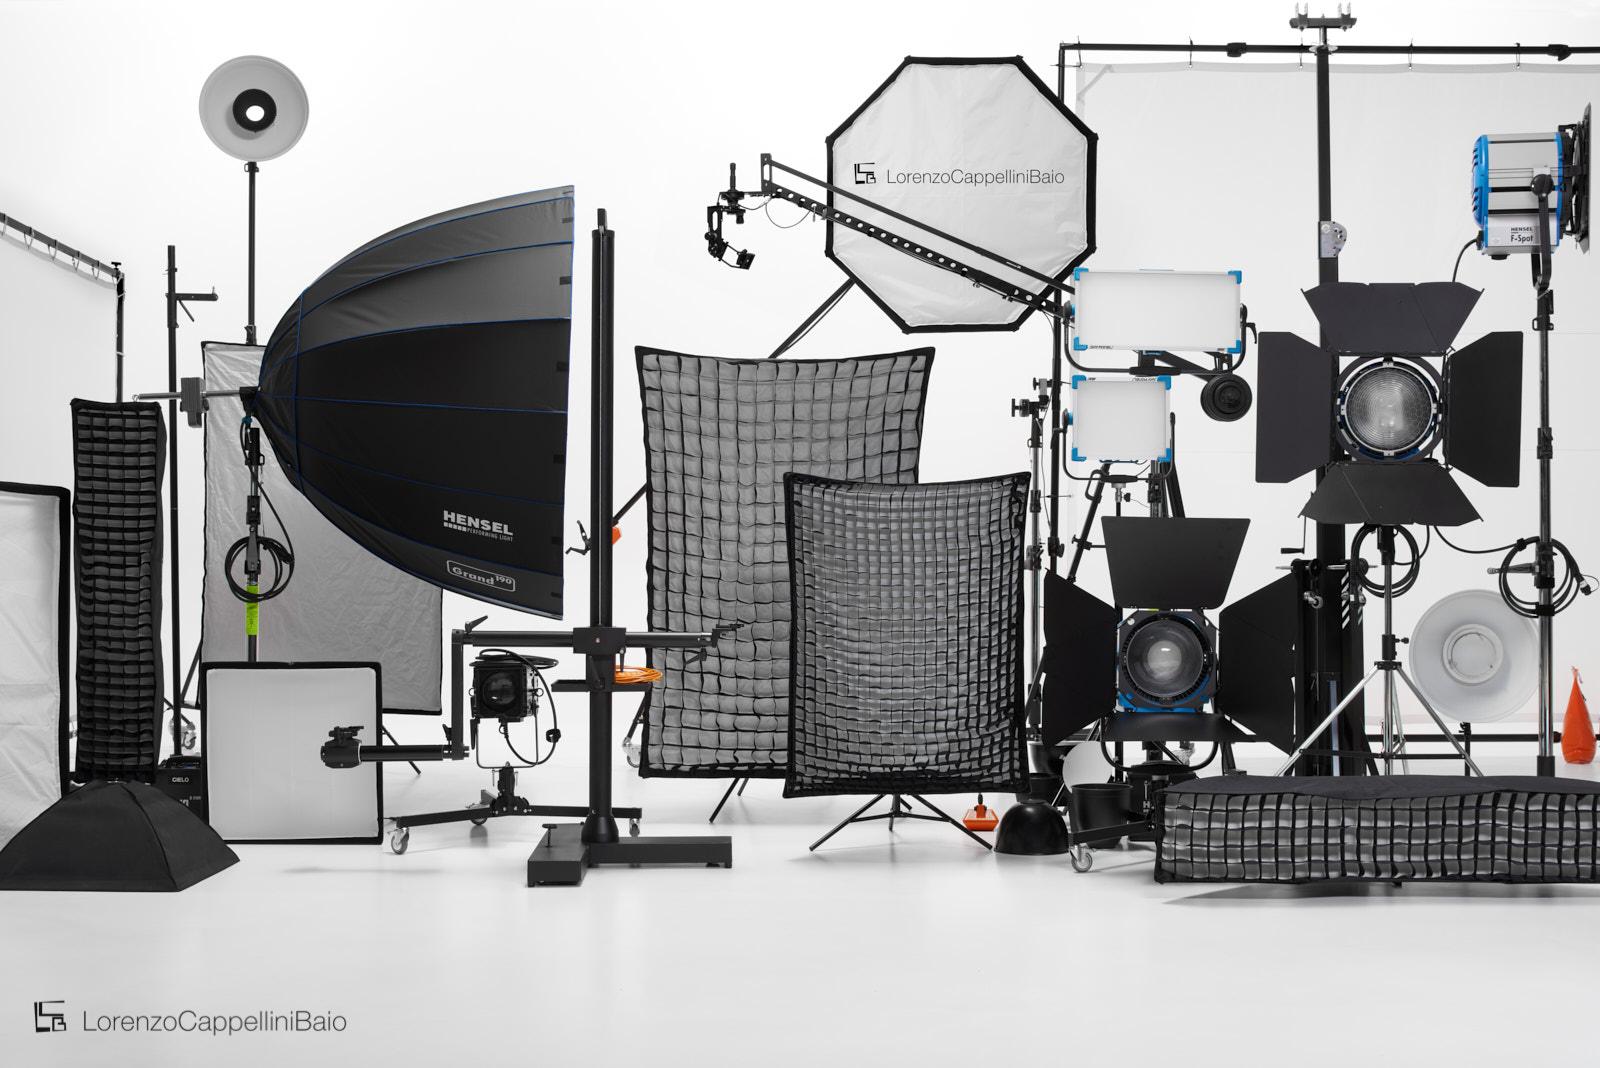 Attrezzatura fotografica a disposizione dello studio | LCBstudio